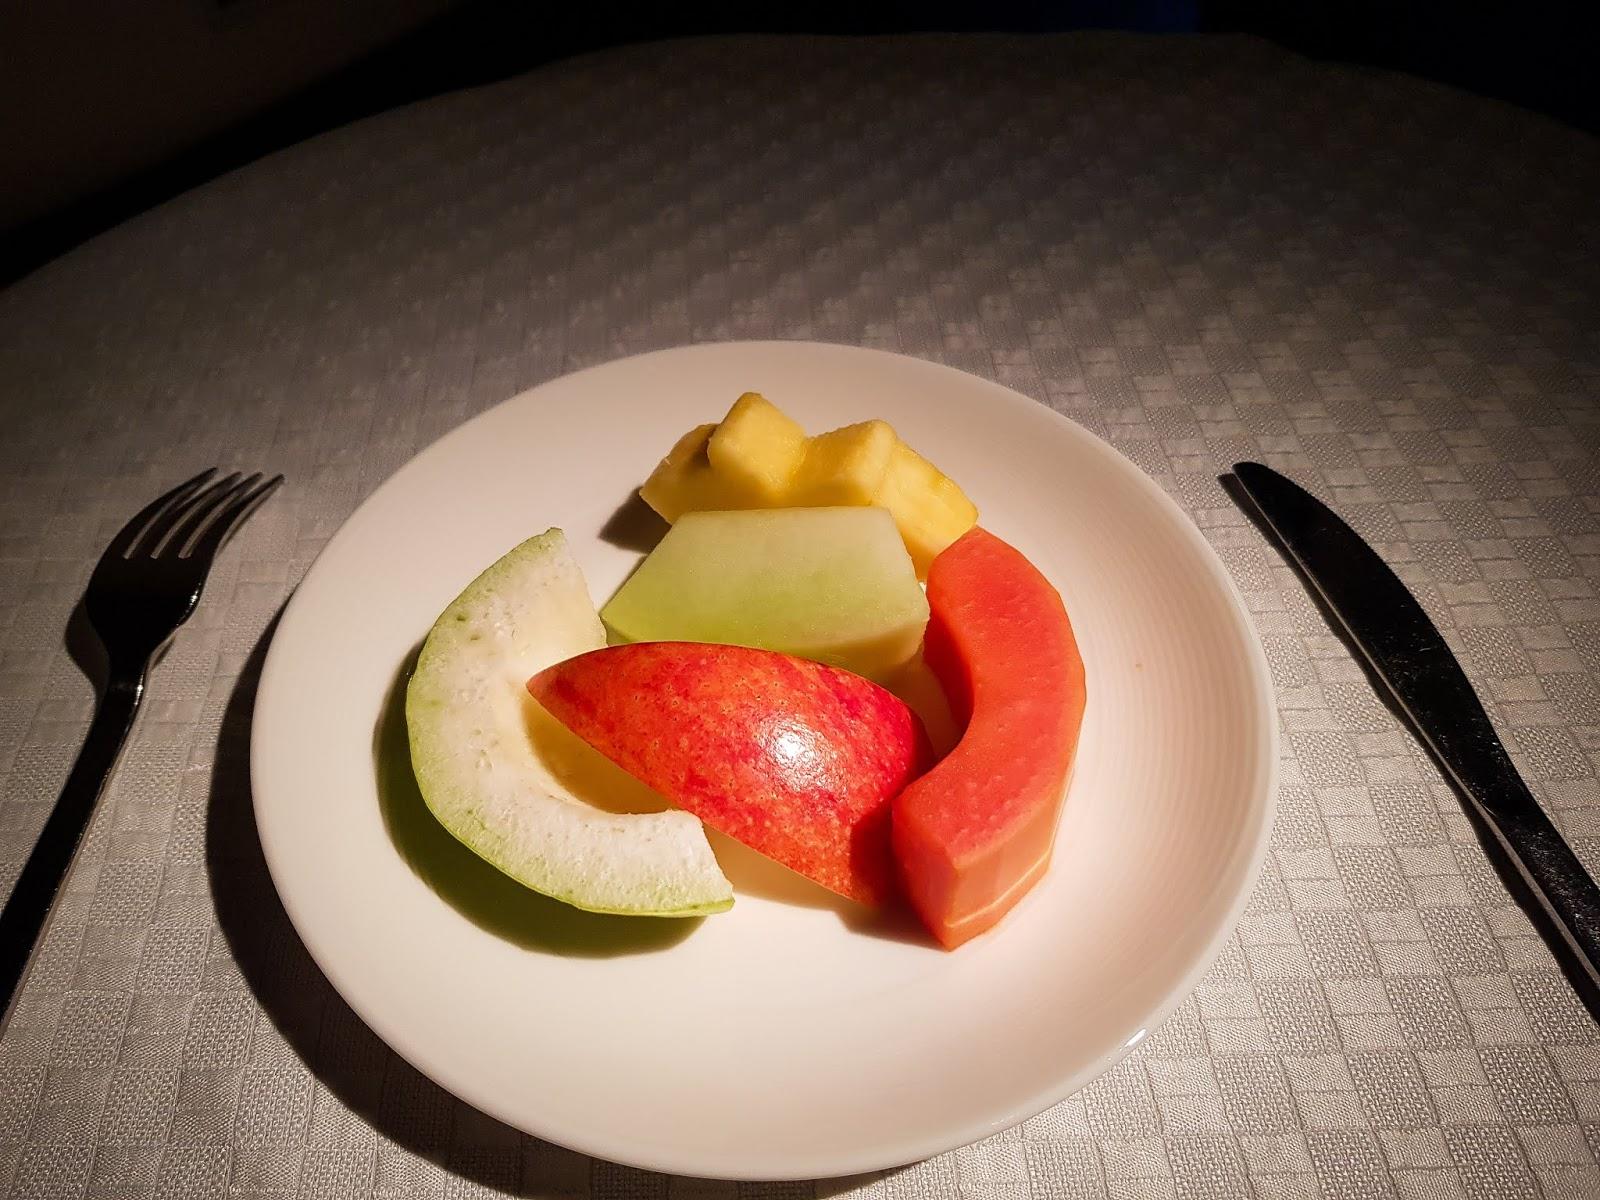 長榮航空 77W 商務艙 BR87 桃園→巴黎 TPE-CDG 早餐飯後水果